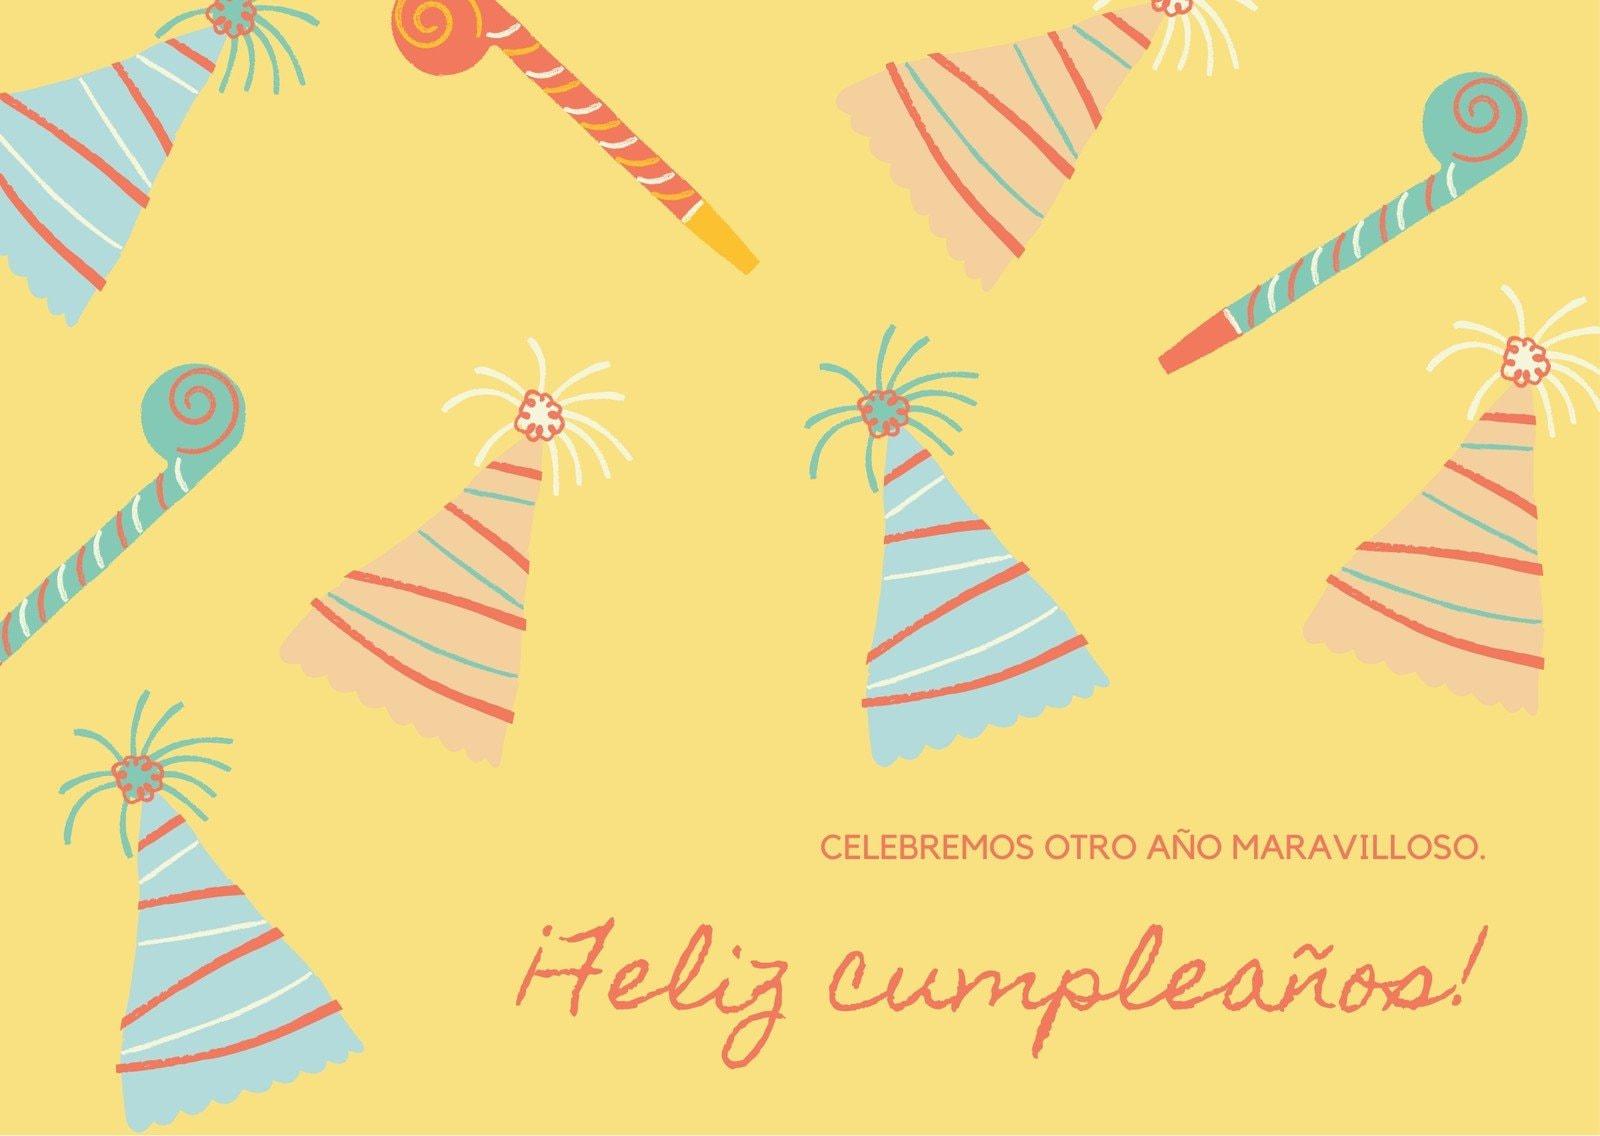 Amarillo y Naranja Espantasuegras y Sombrero de Fiesta Ilustraciones Lindas y Excéntricas Felicitación General de Cumpleaños Tarjeta